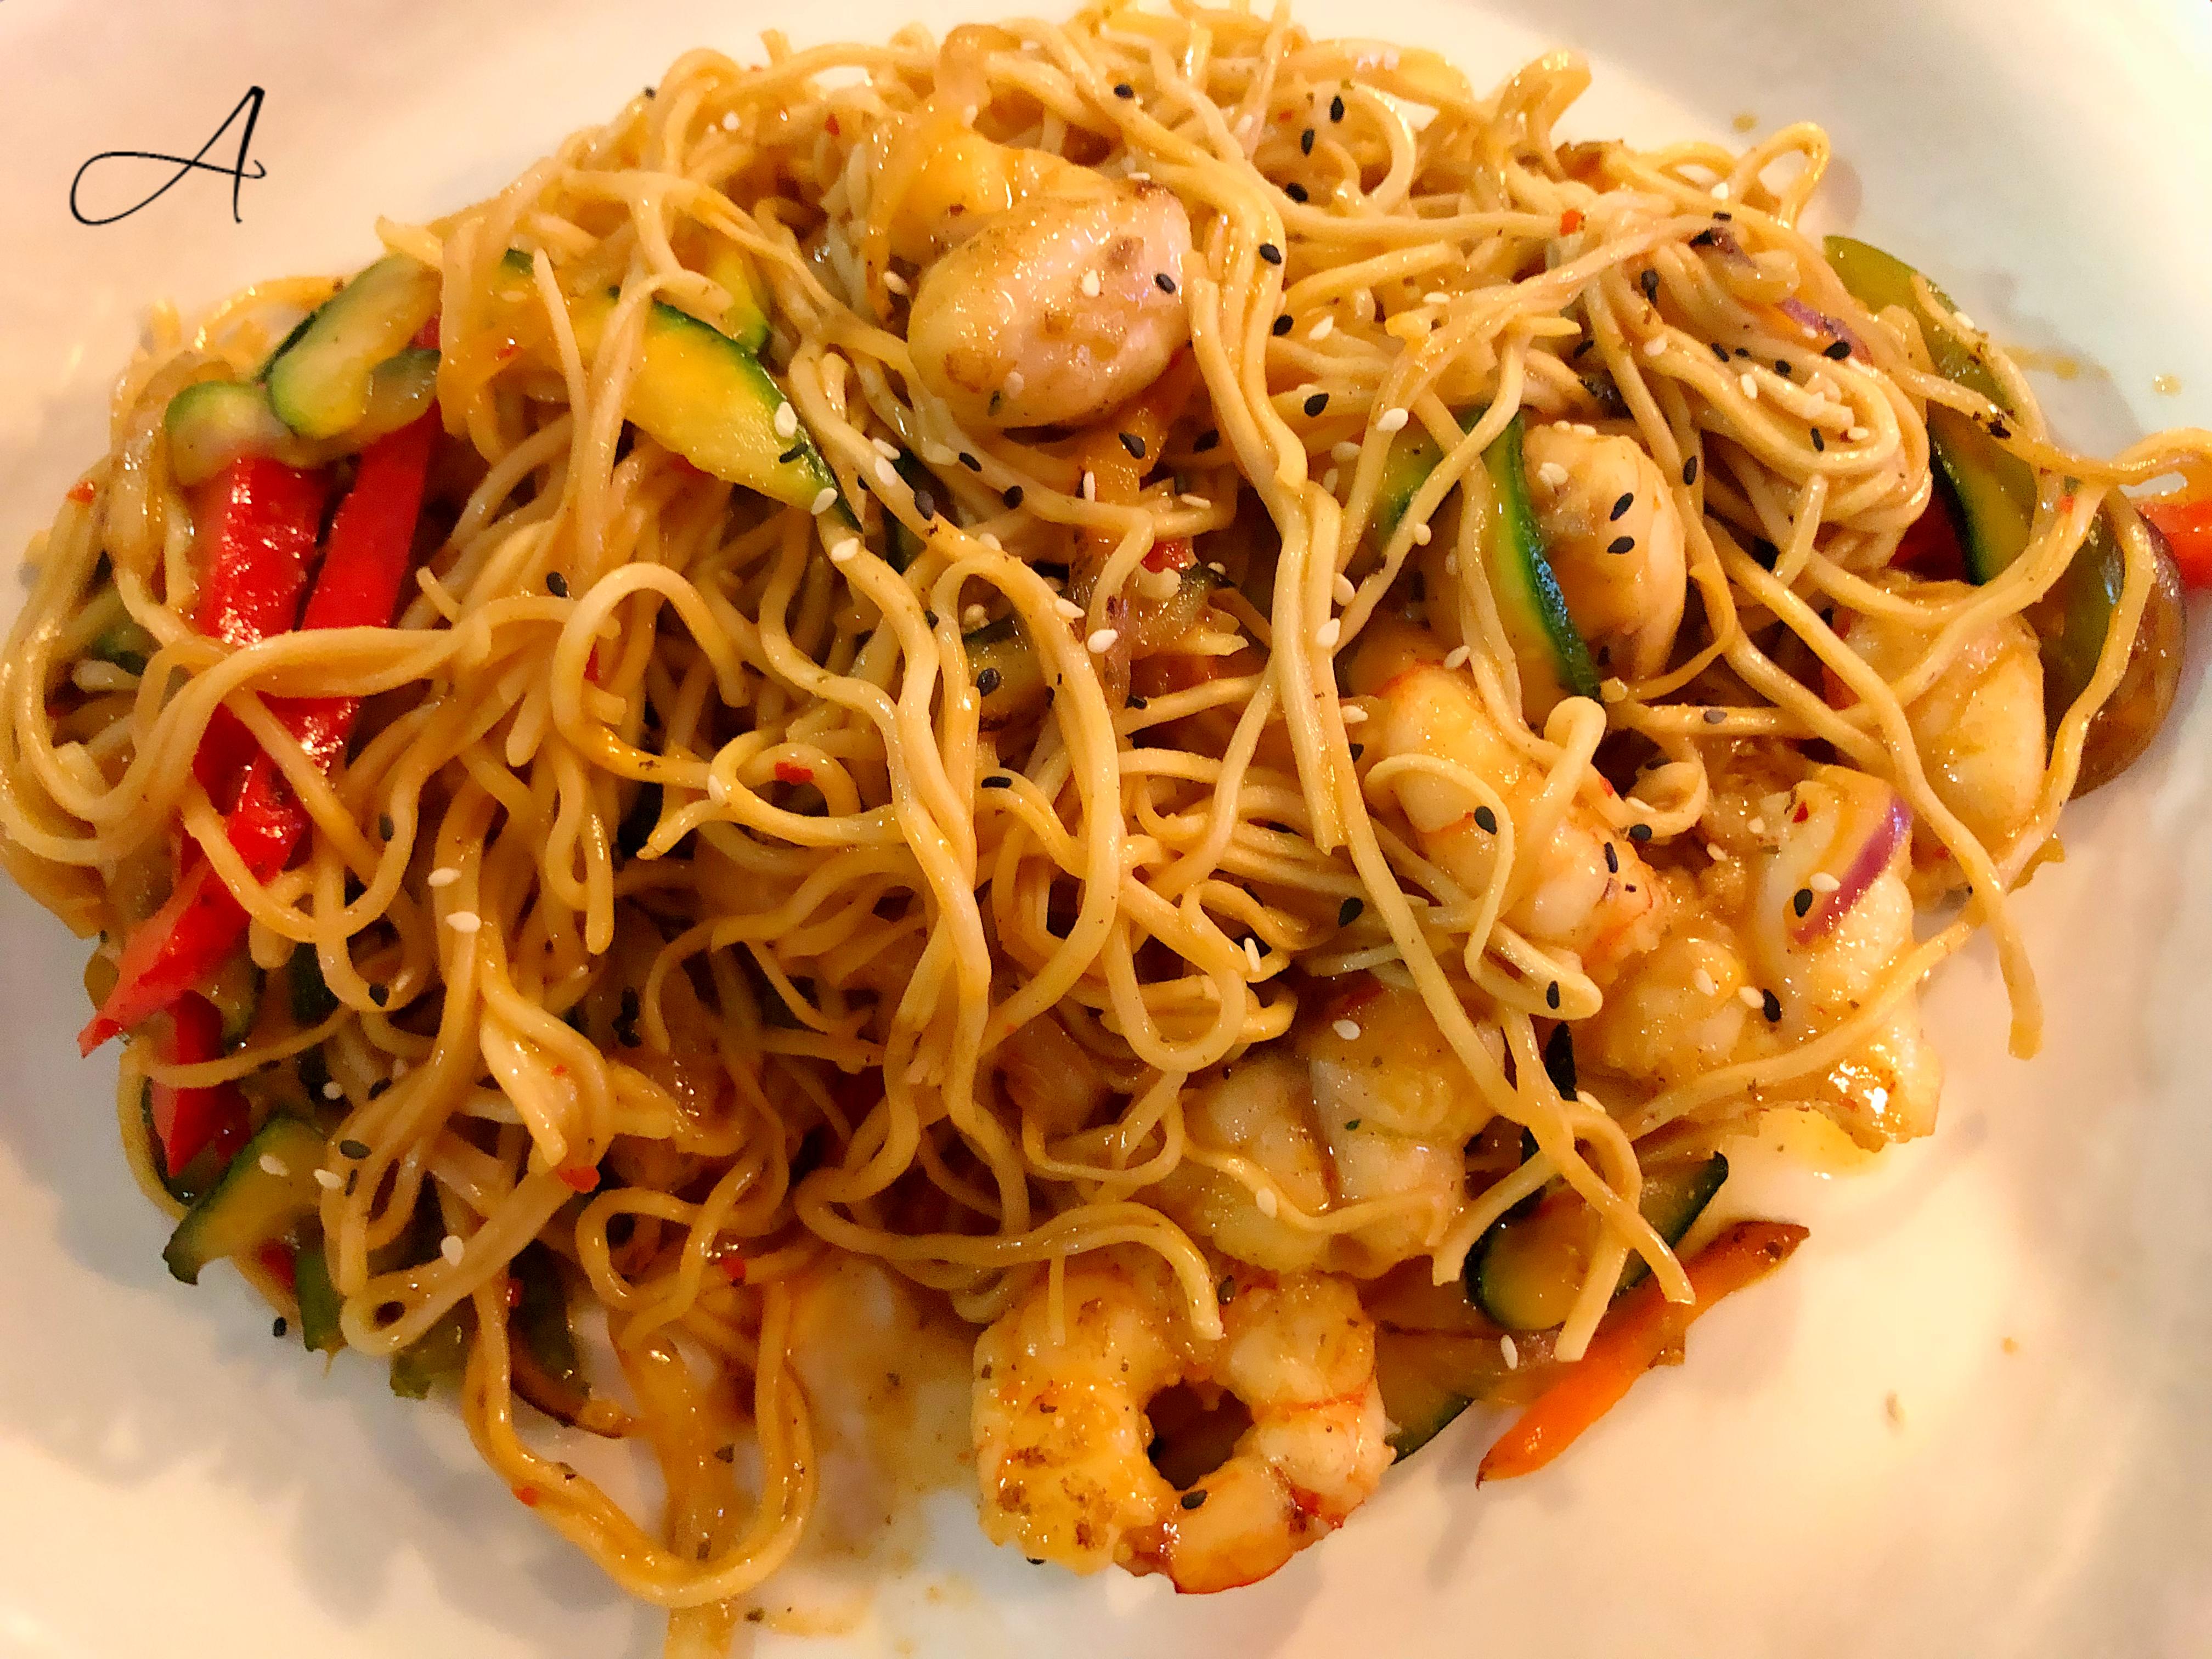 Wok de rape y langostinos estilo indonesio con noodles